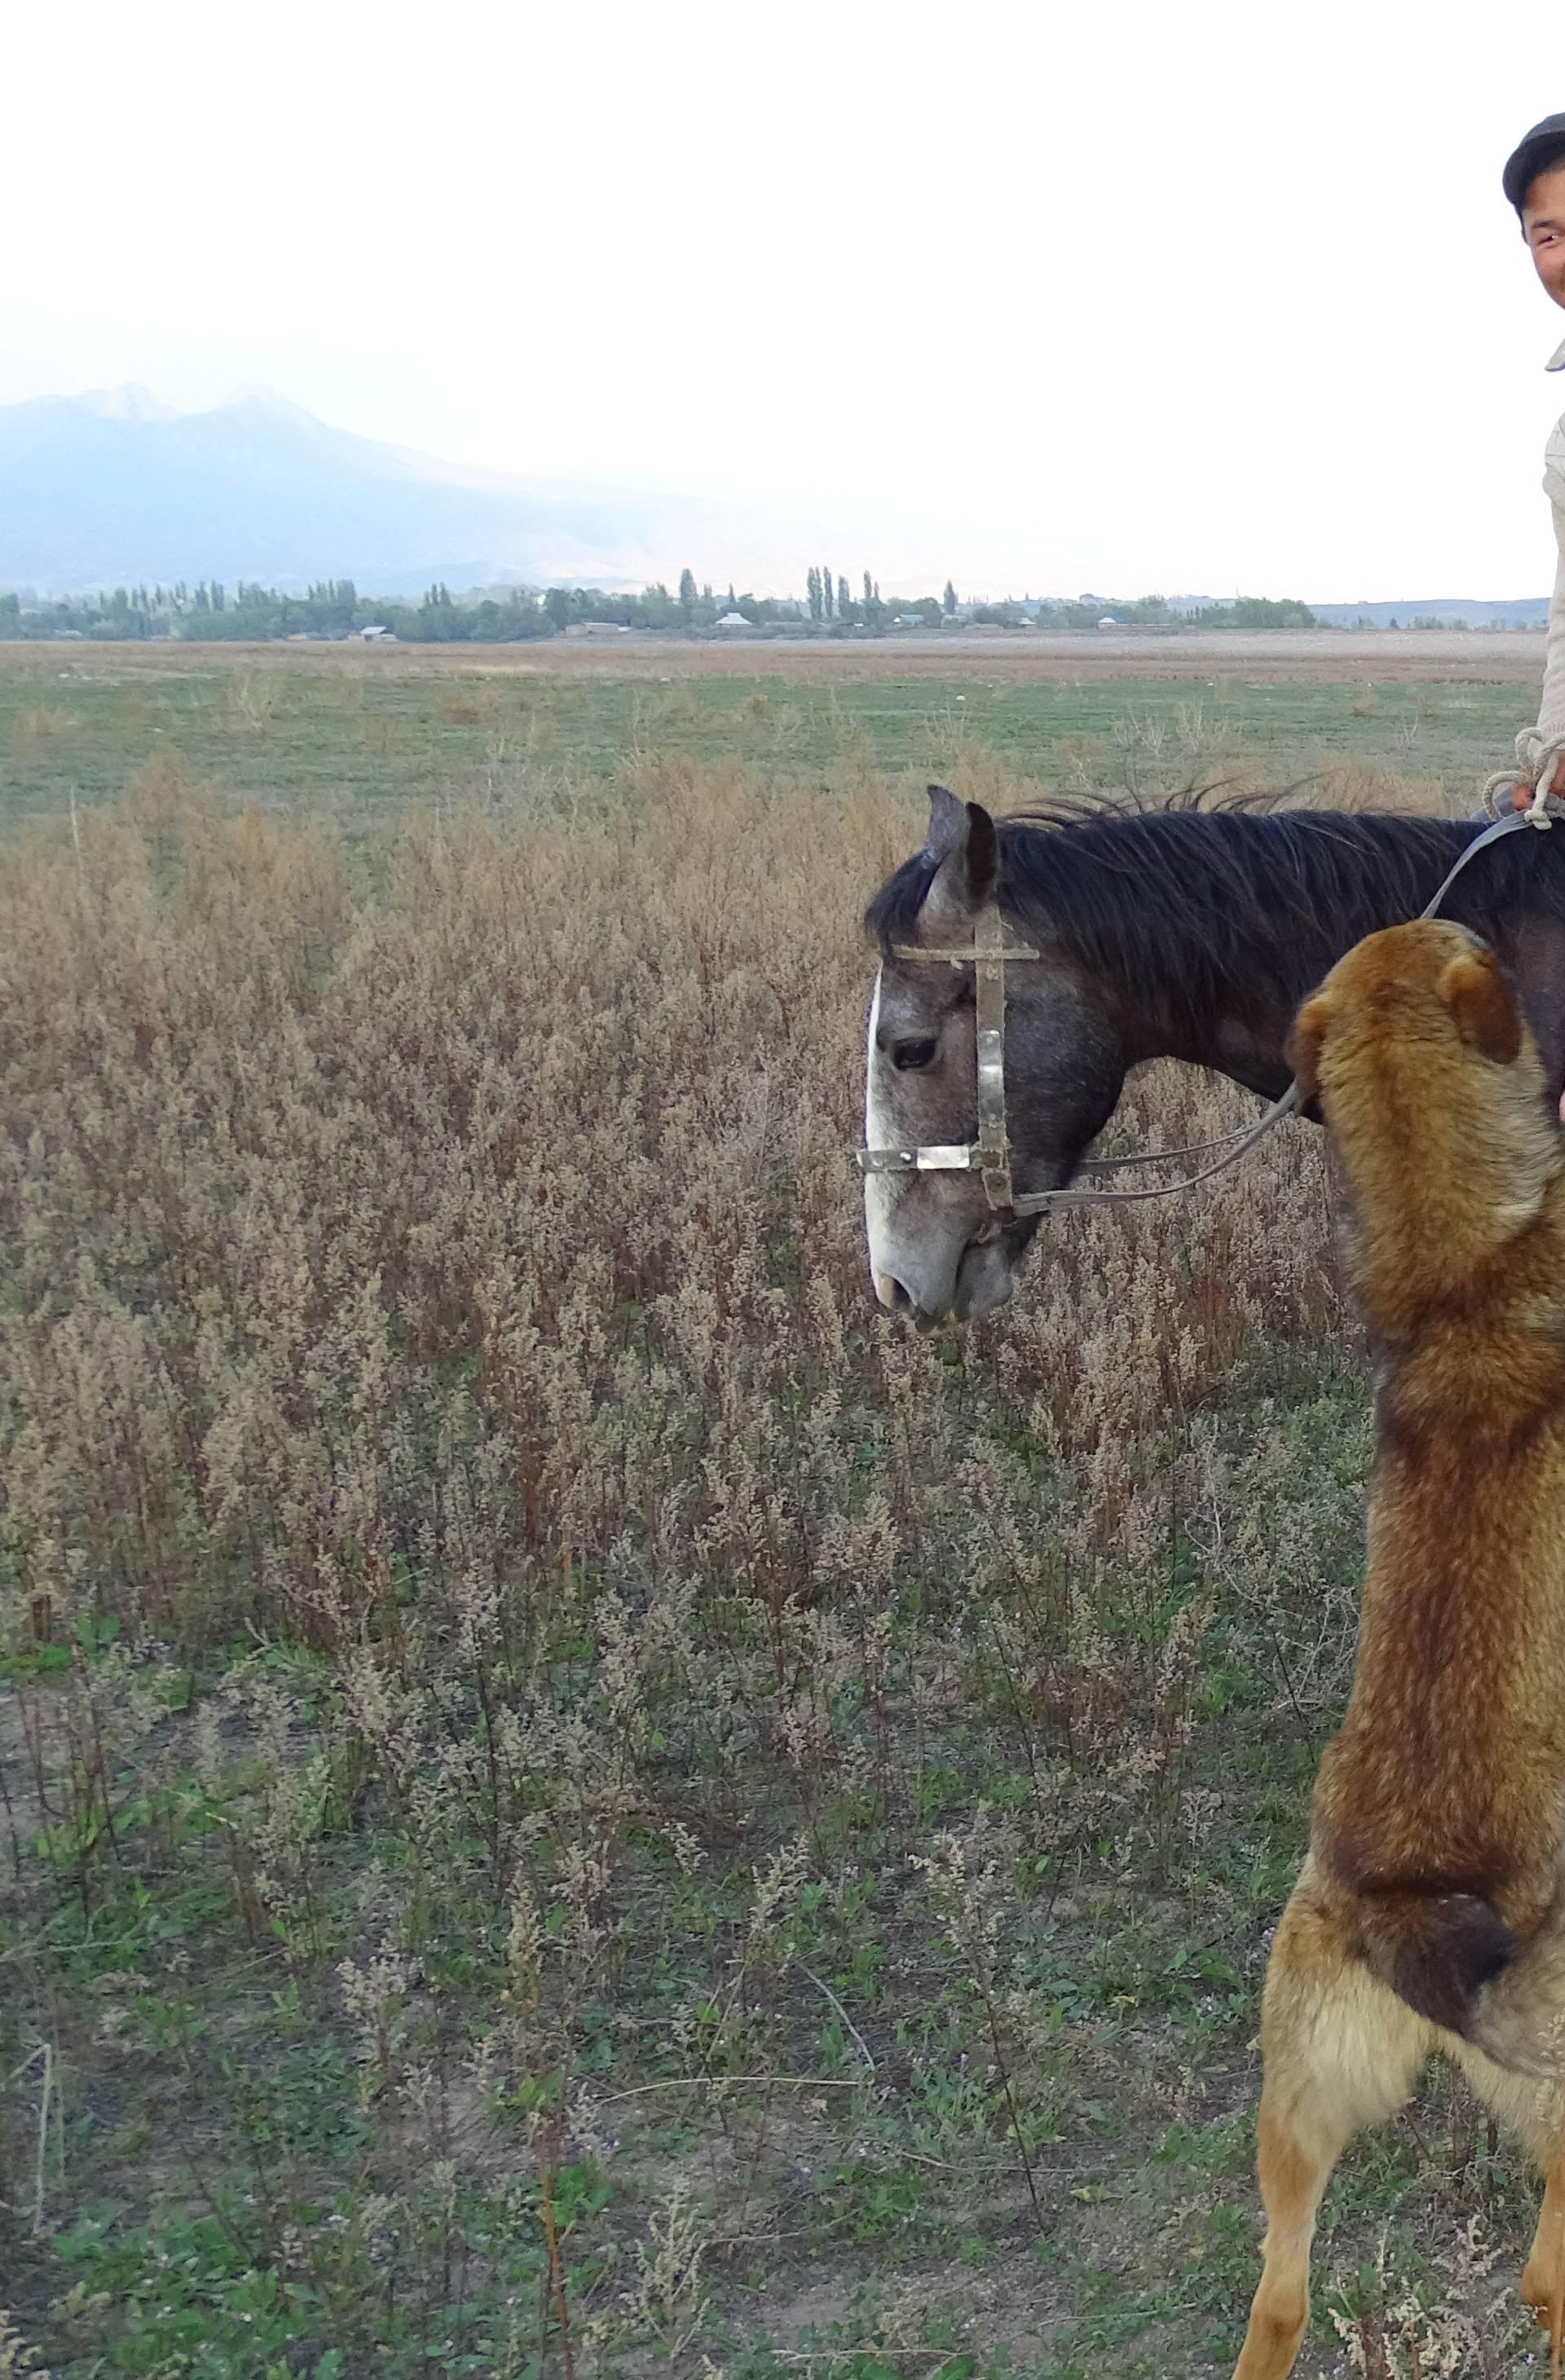 'Na Aljaski sam sreo ogromnog grizlija, nije mi bilo svejedno'